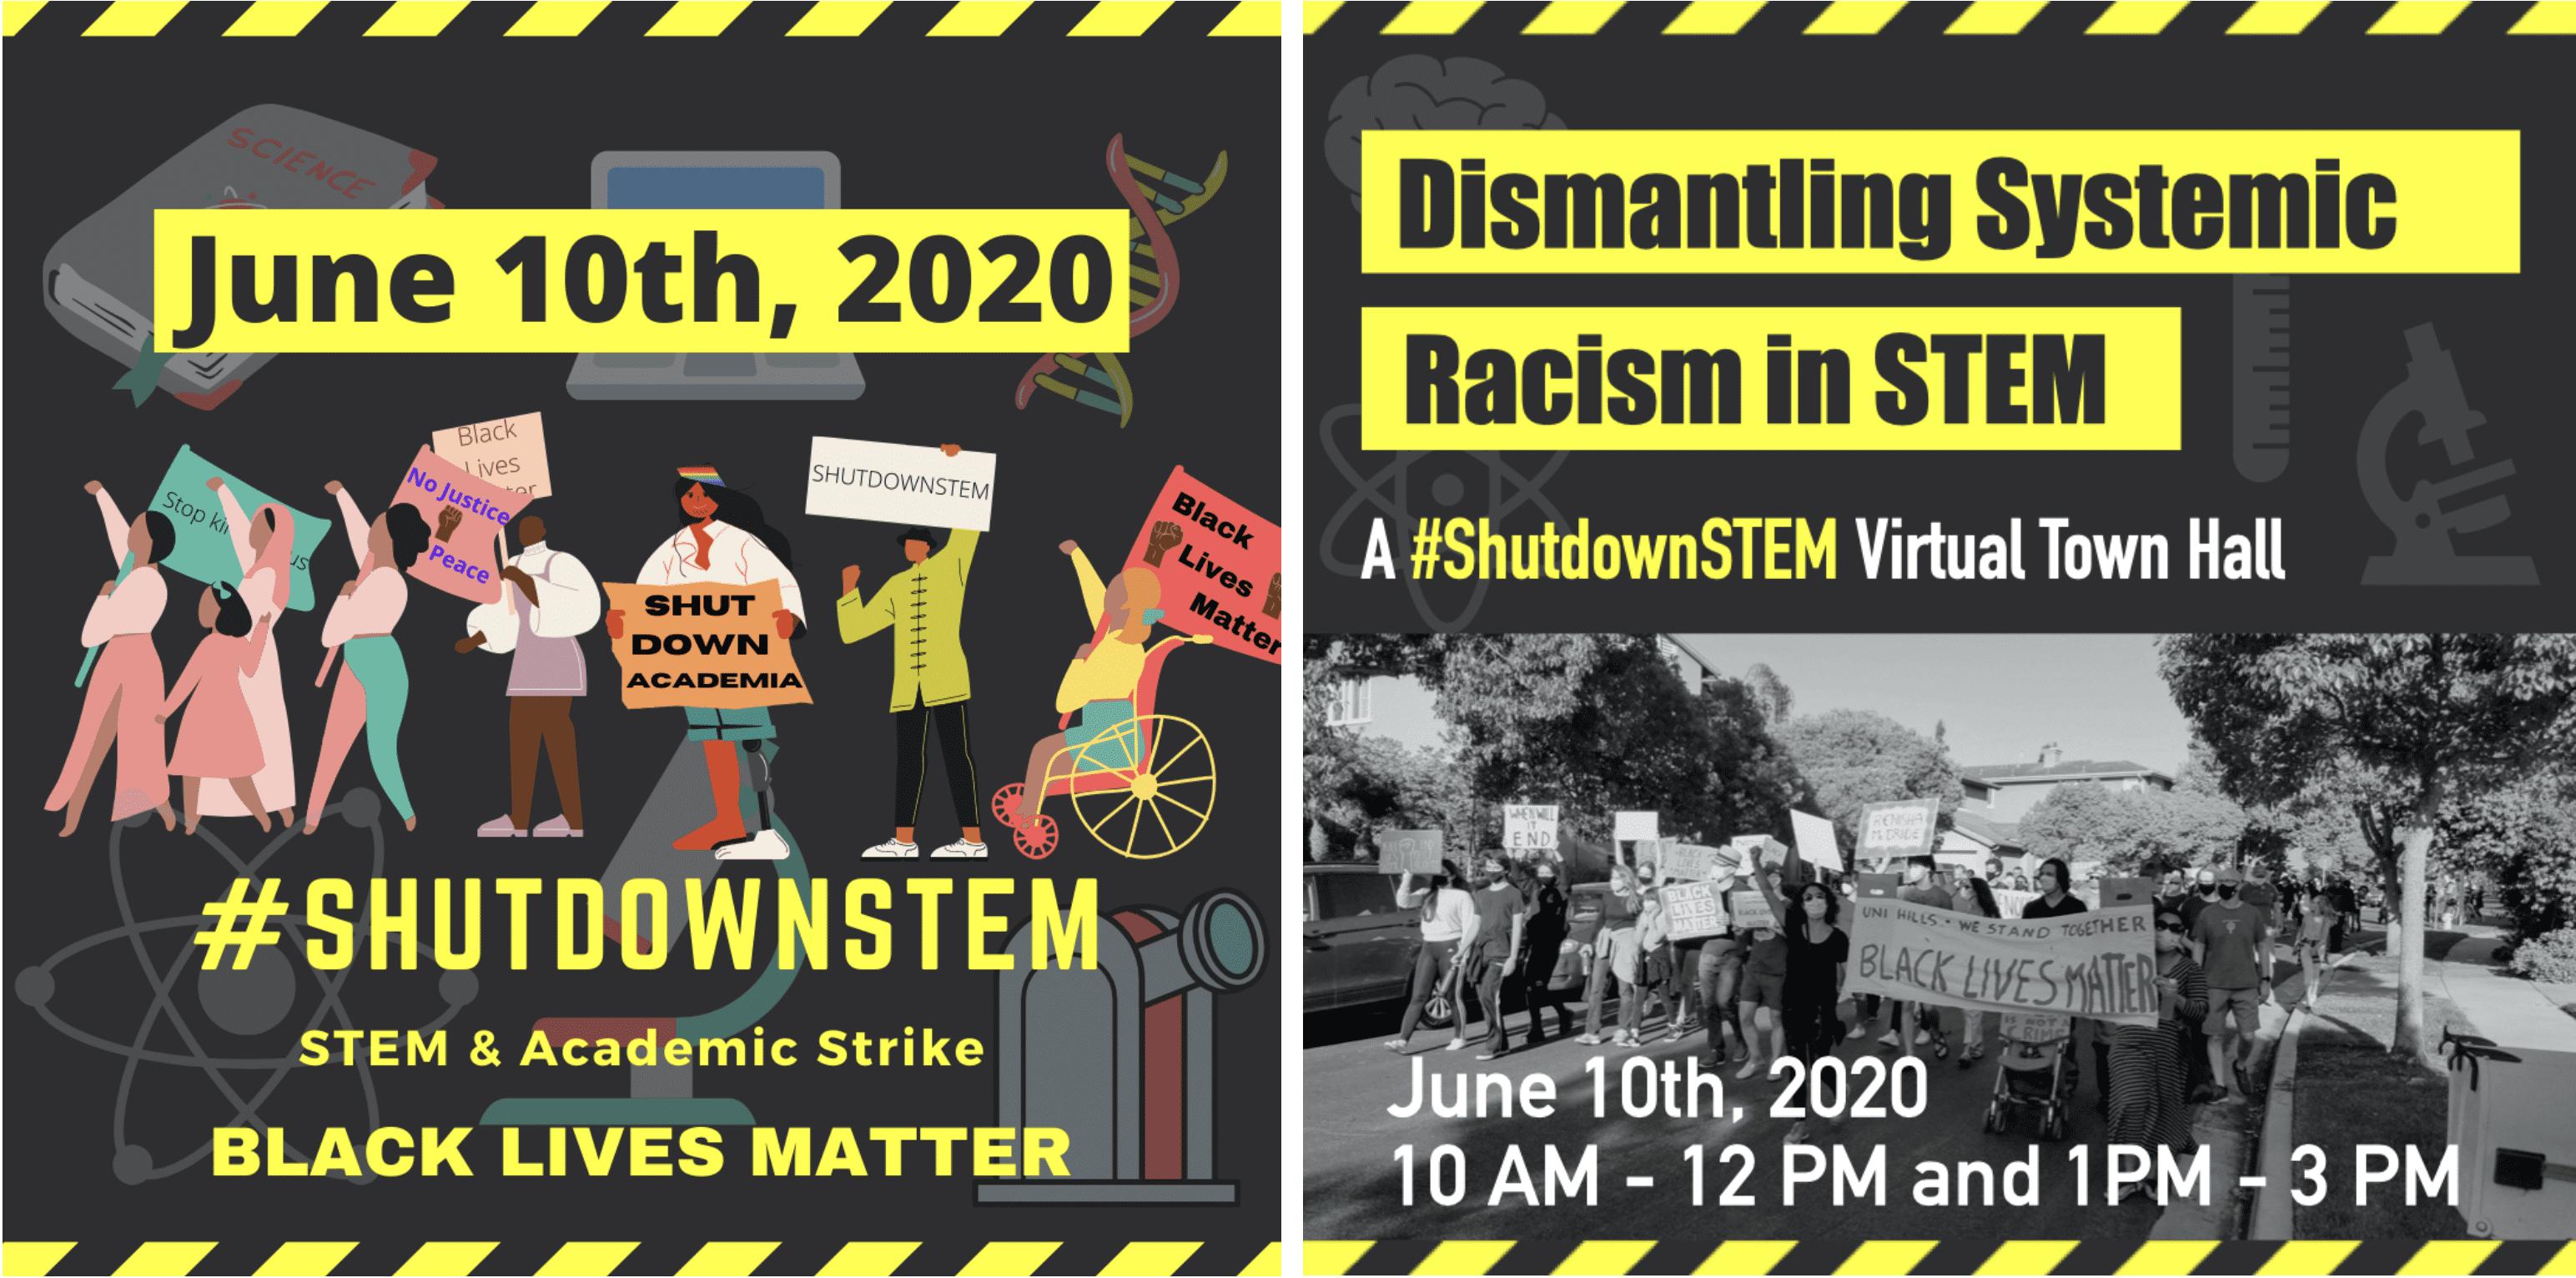 shutdownstem_dismantlingsystemicracism